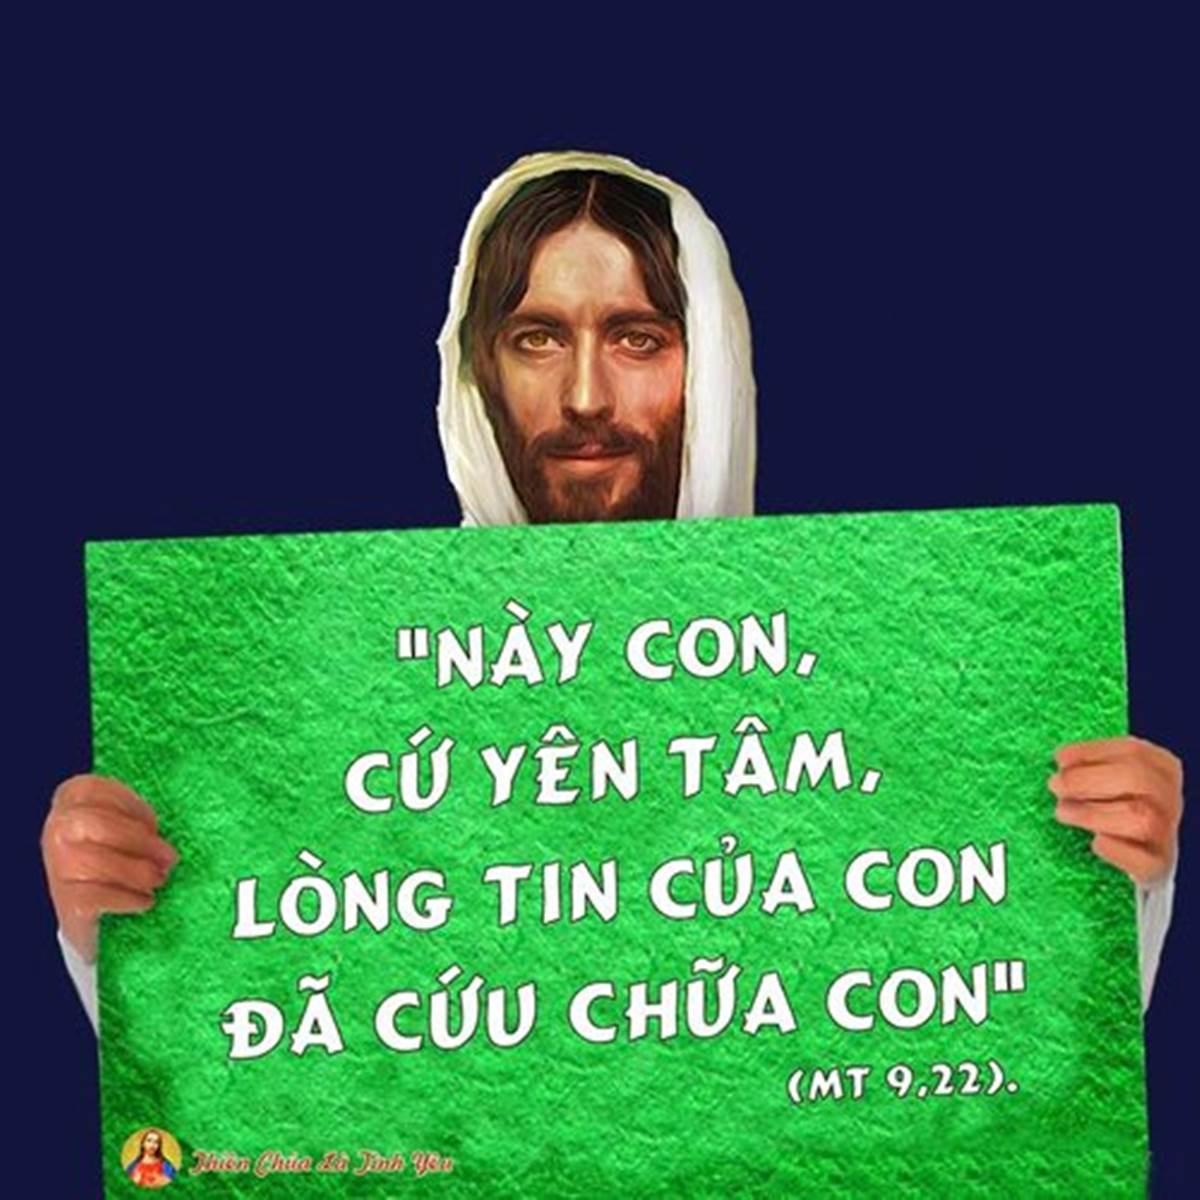 Thiên Chúa là niềm hi vọng của chúng ta